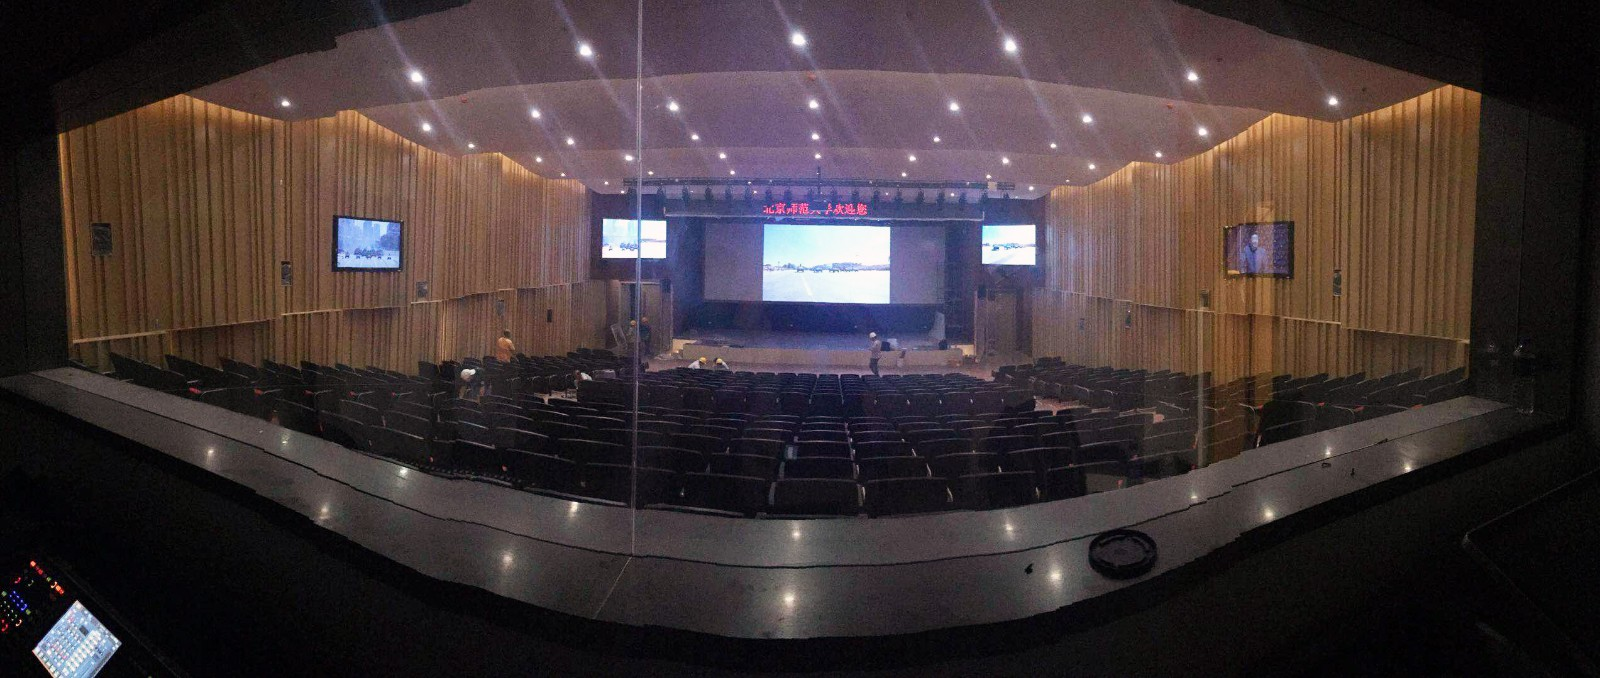 科旭威尔助力北师大新校区报告厅音视频系统建设